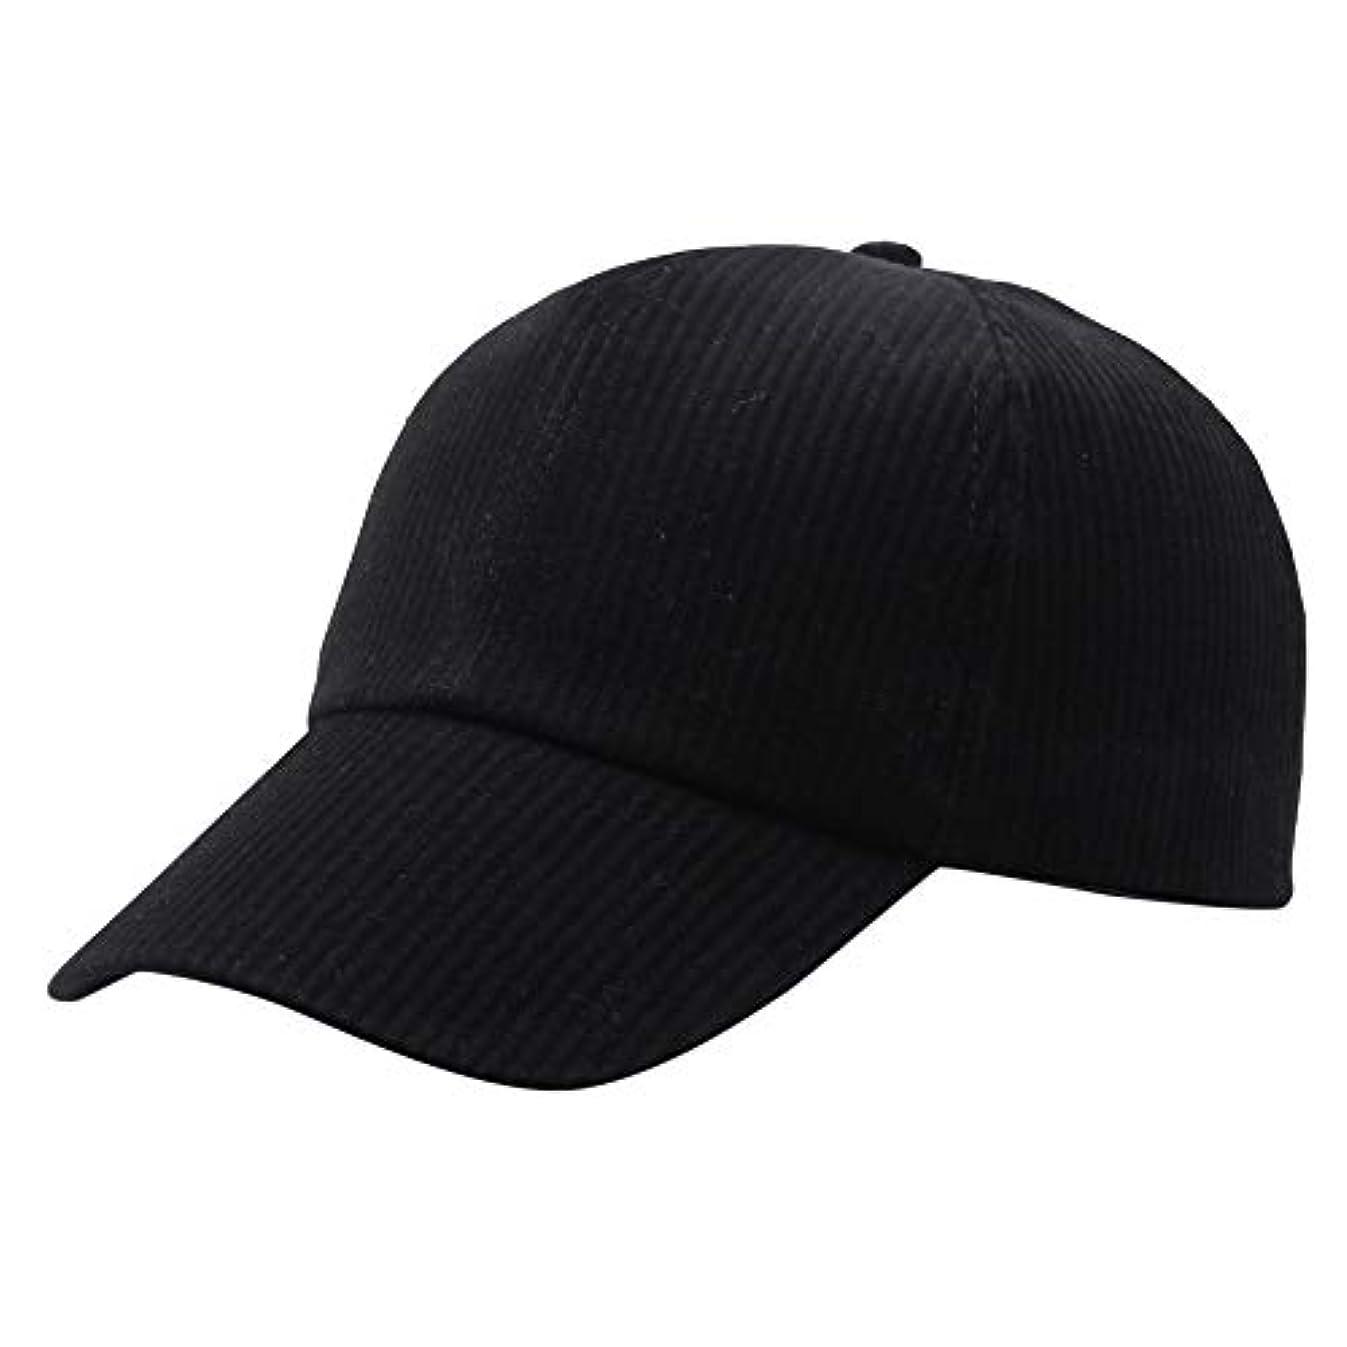 差別的以来アカデミーRacazing Cap コーデュロイ 野球帽 迷彩 夏 登山 通気性のある メッシュ 帽子 ベルクロ 可調整可能 ストライプ 刺繍 棒球帽 UV 帽子 軽量 屋外 Unisex Hat (B)